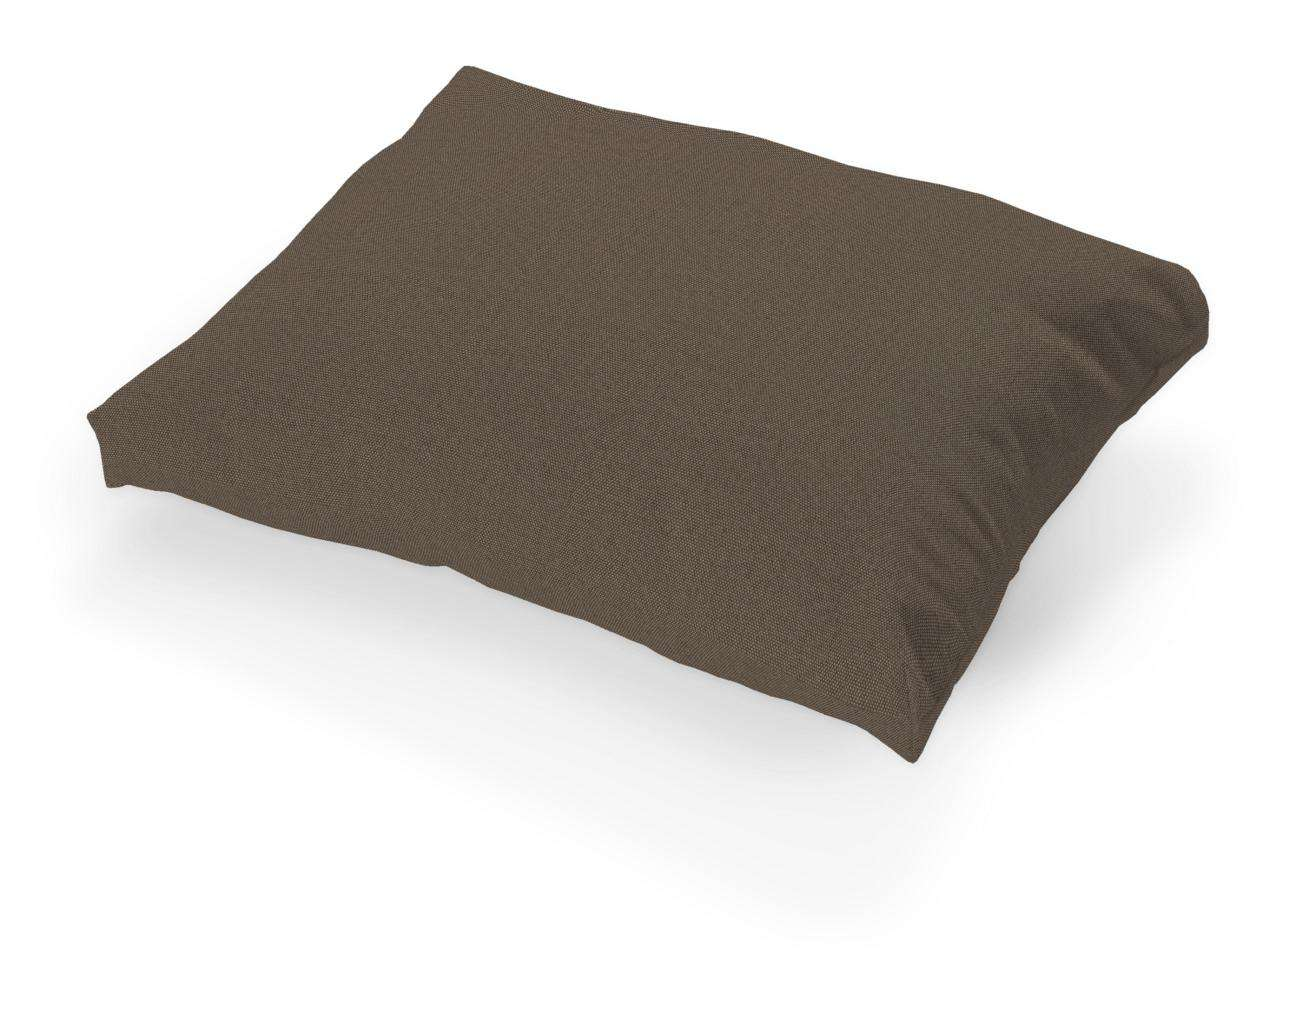 Tylösand trekk pute 1 stk. fra kolleksjonen Etna - Ikke for gardiner, Stoffets bredde: 705-08